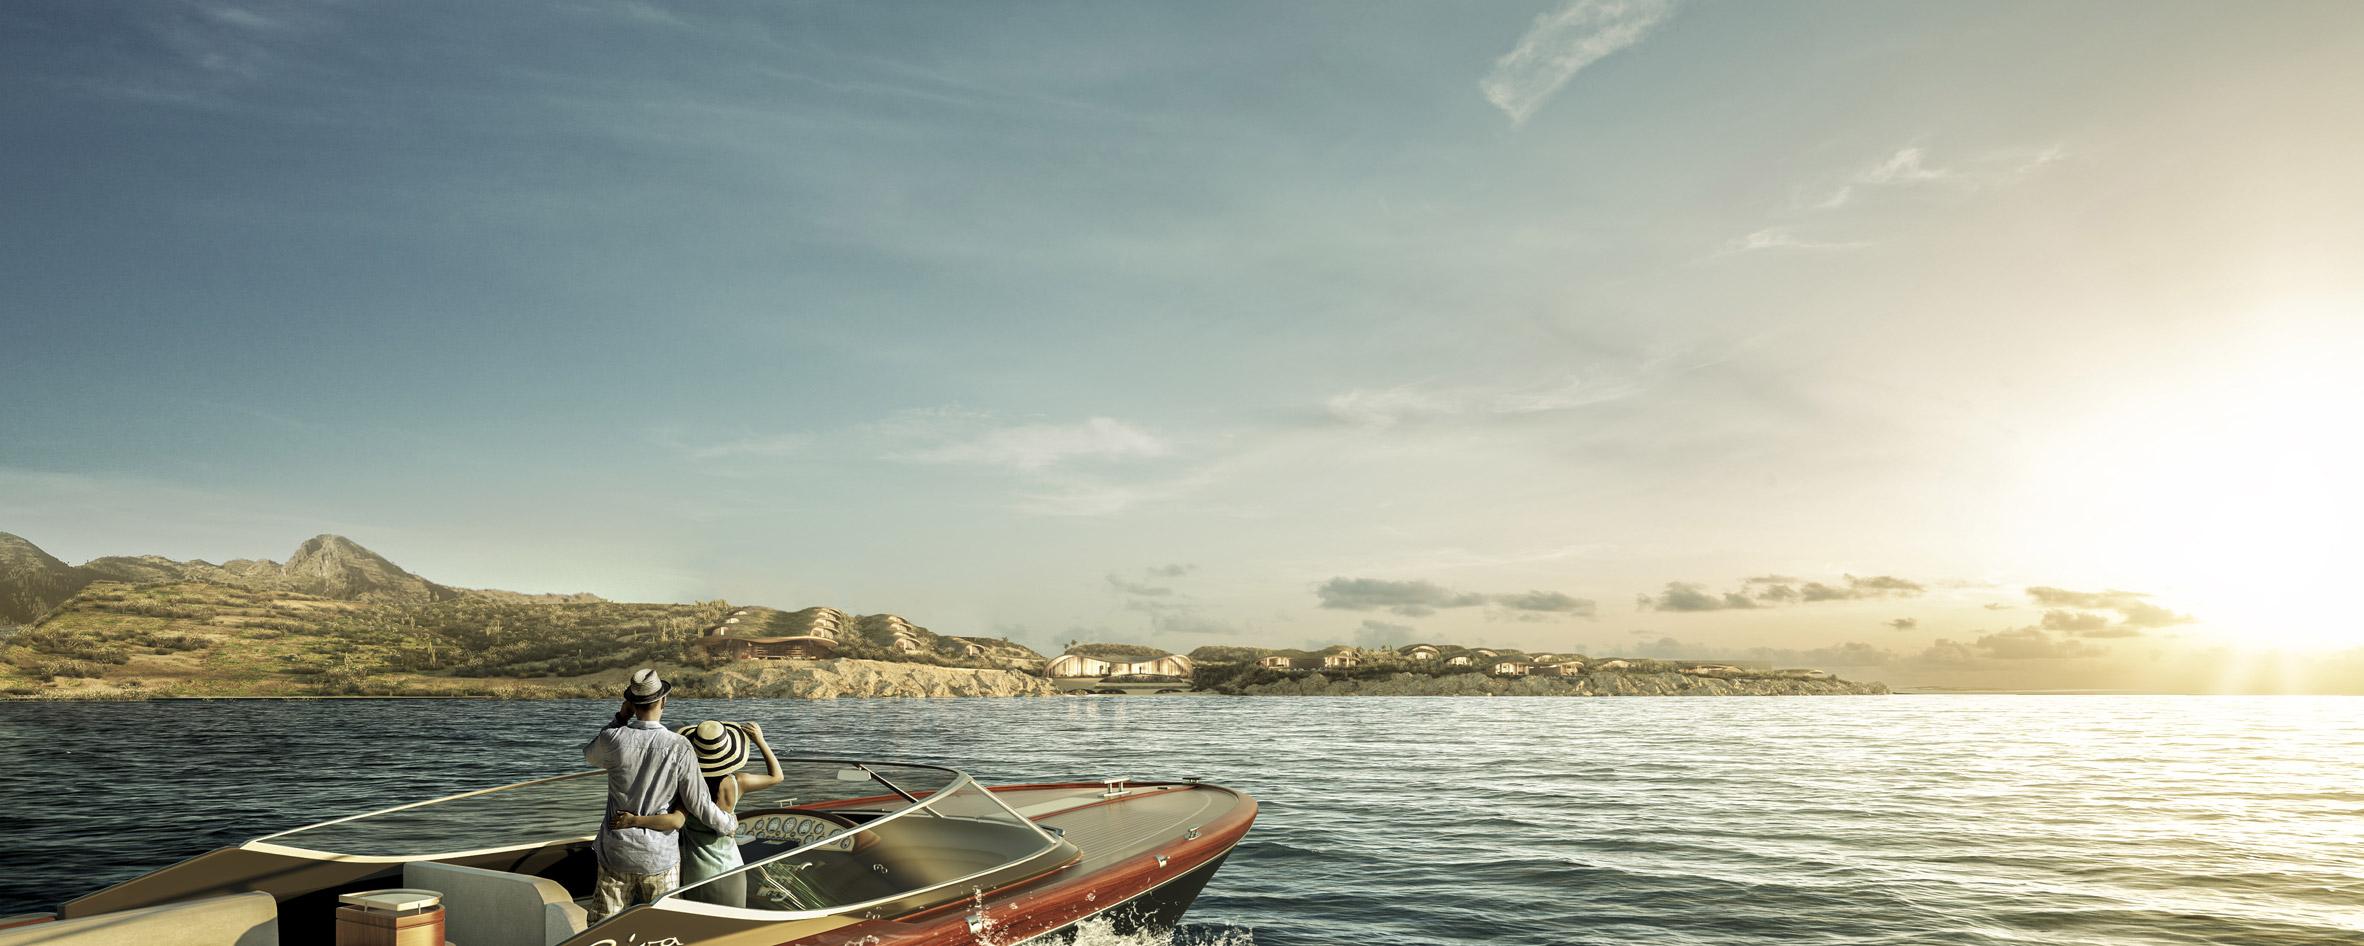 Chable Sea of Cortez by Sordo Madaleno Arquitectos